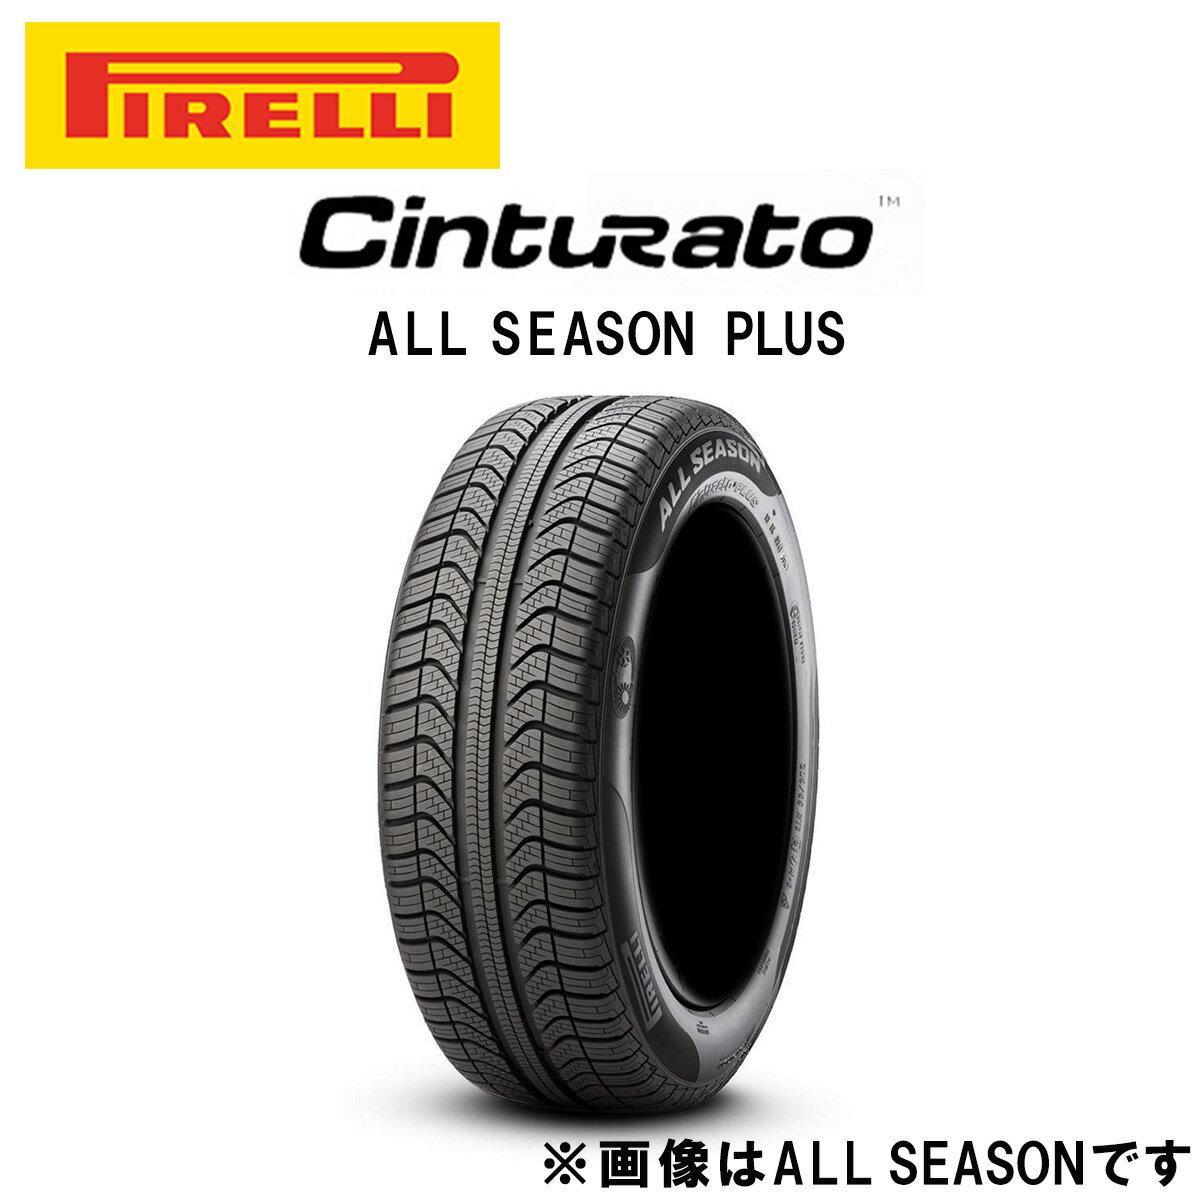 ピレリ PIRELLI Cinturato ALL SEASON PLUS チントゥラート オールシーズン プラス 16インチ タイヤ 4本 セット 205/55R16 91V s-i シールインサイドシリーズ 3090200